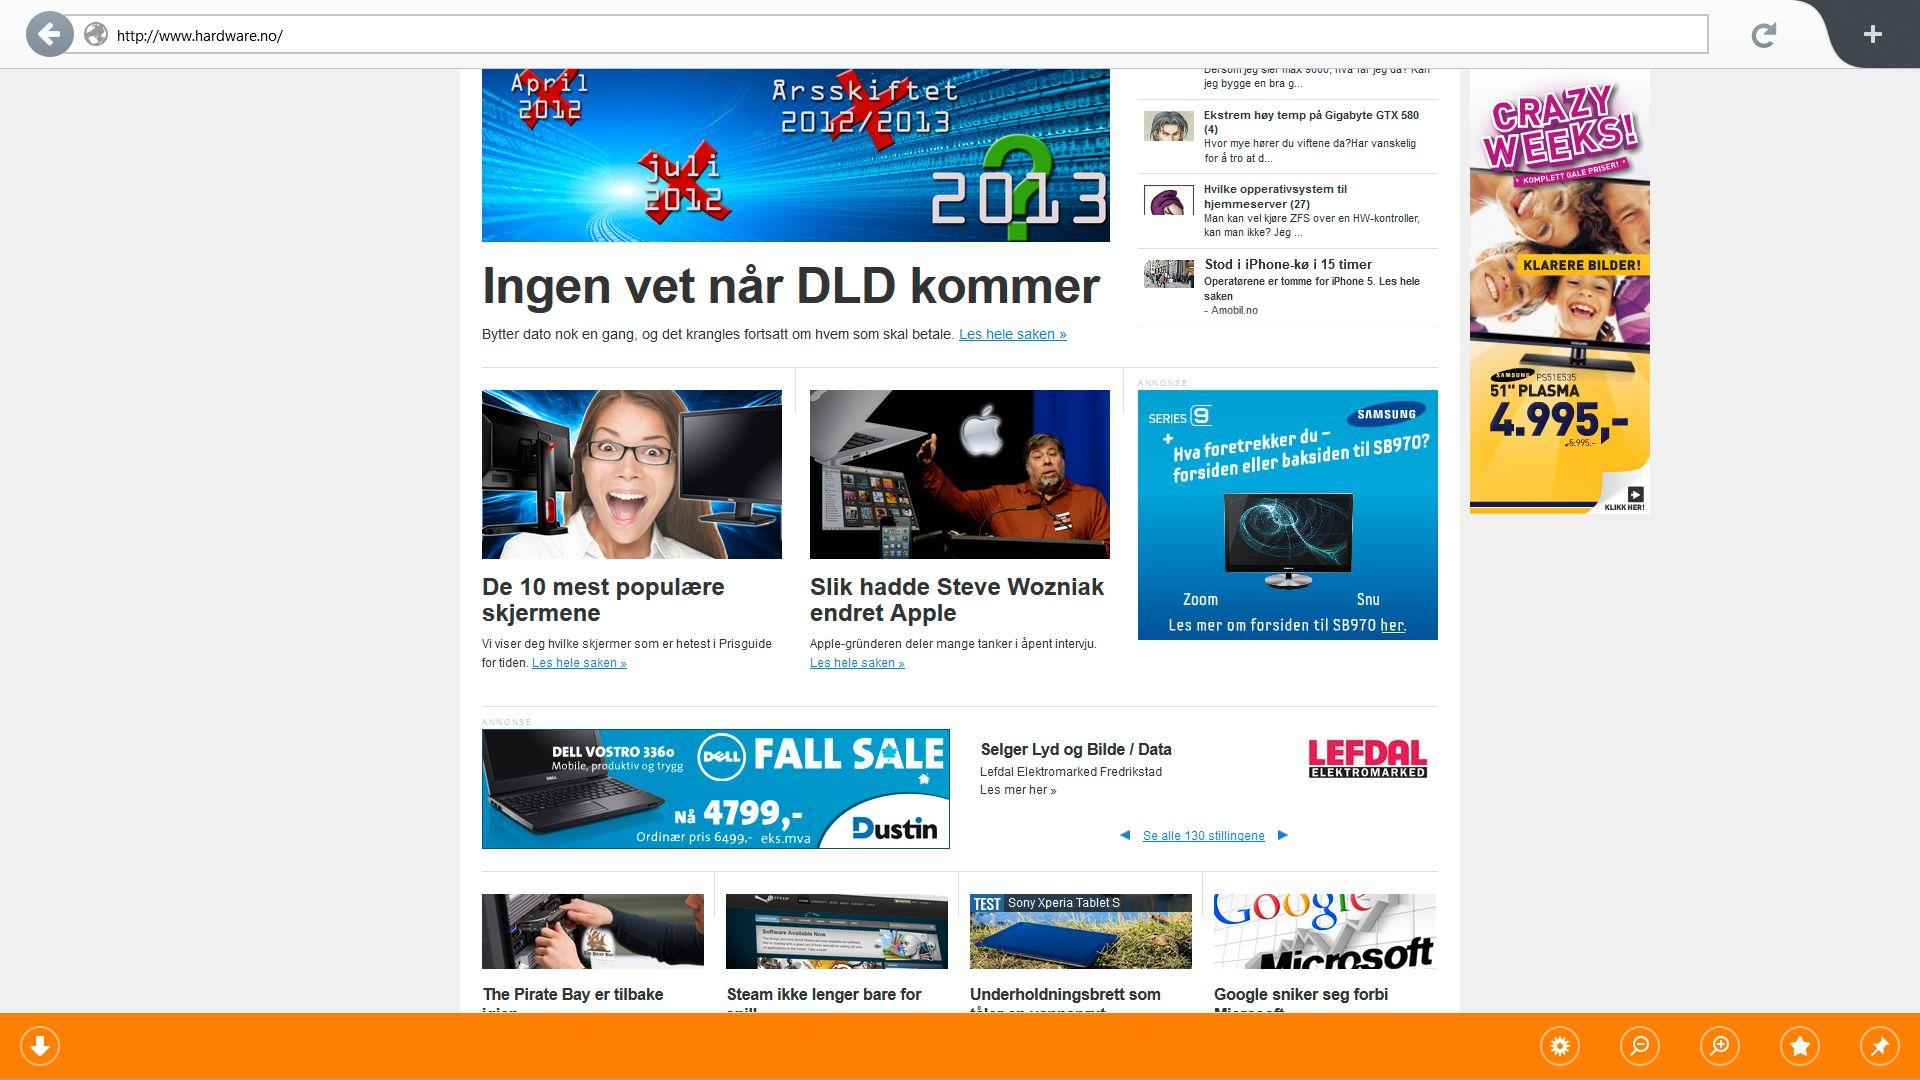 Slik ser Firefox ut når du åpner det opp fra startskjermen i Windows 8.